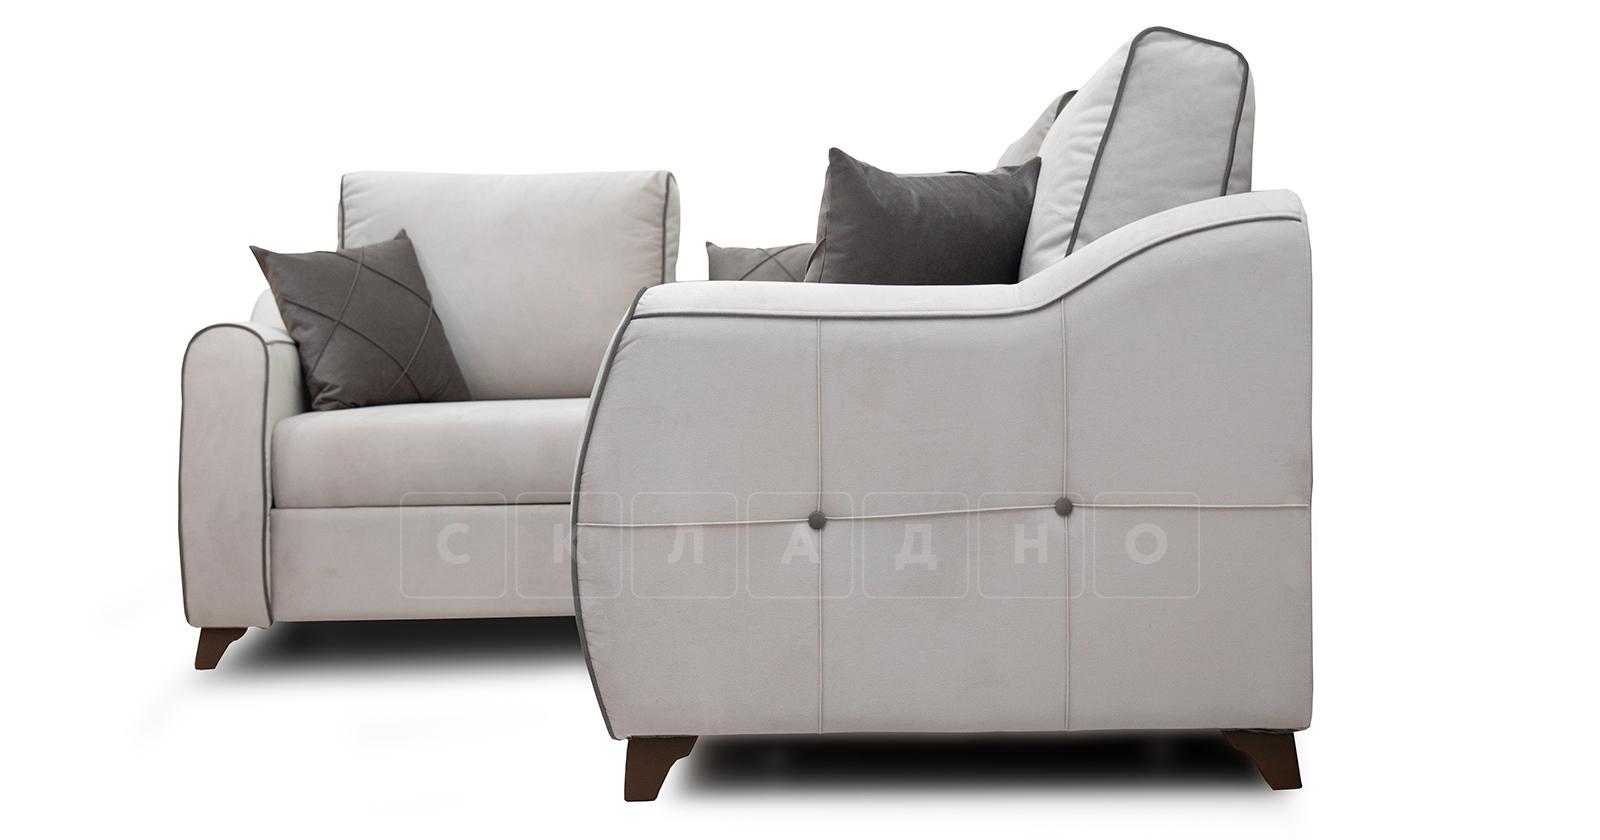 Диван-кровать угловой Флэтфорд серо-бежевый фото 3 | интернет-магазин Складно